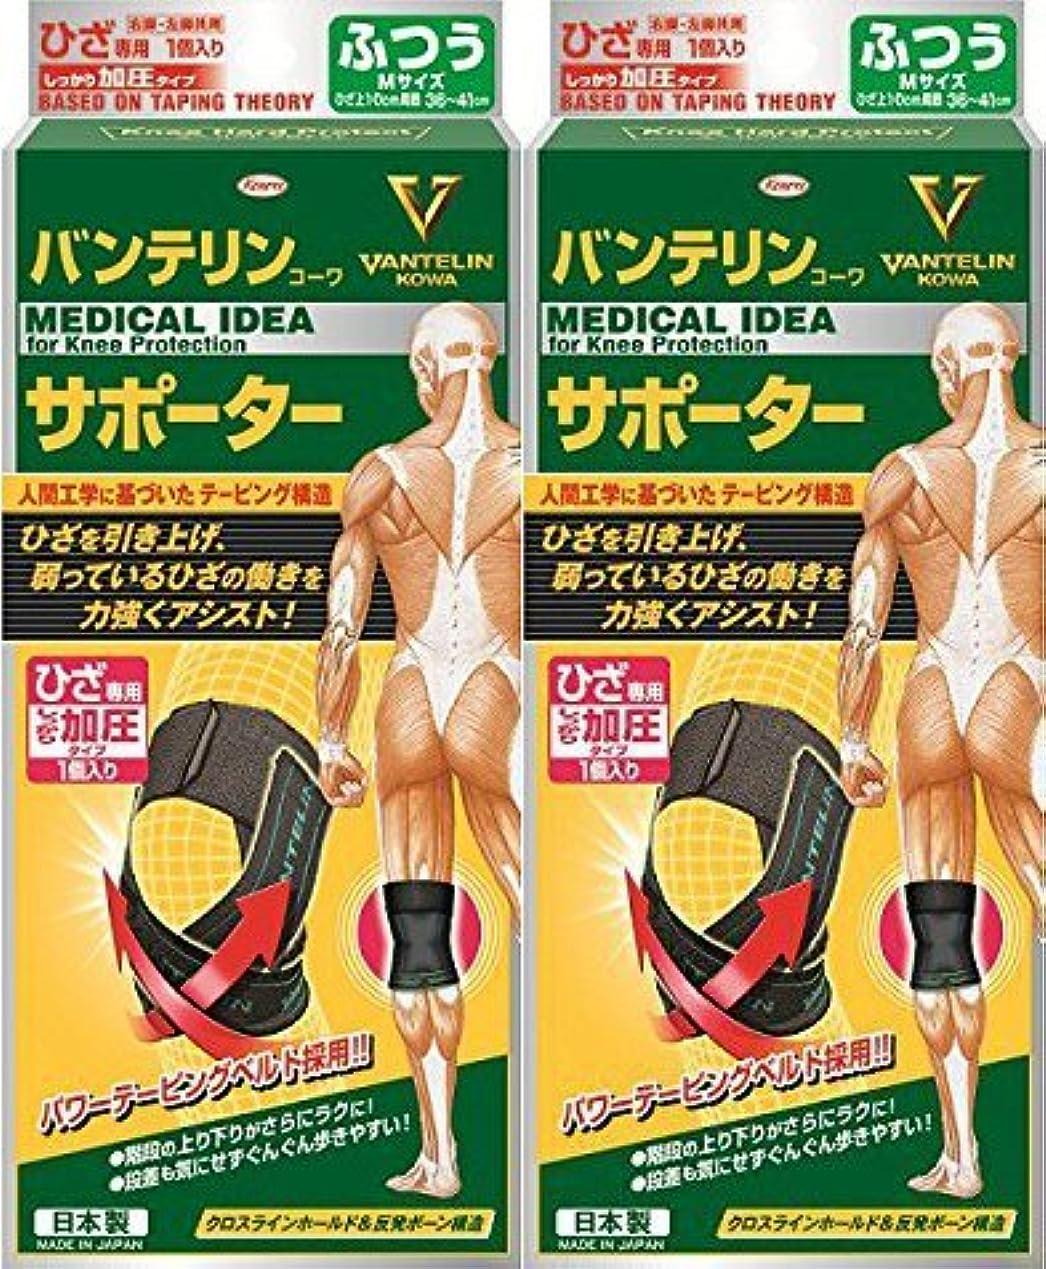 【2個セット】バンテリンサポーター しっかり加圧タイプ ひざ用 ブラック ふつうMサイズ ひざ頭周囲 36-41cm